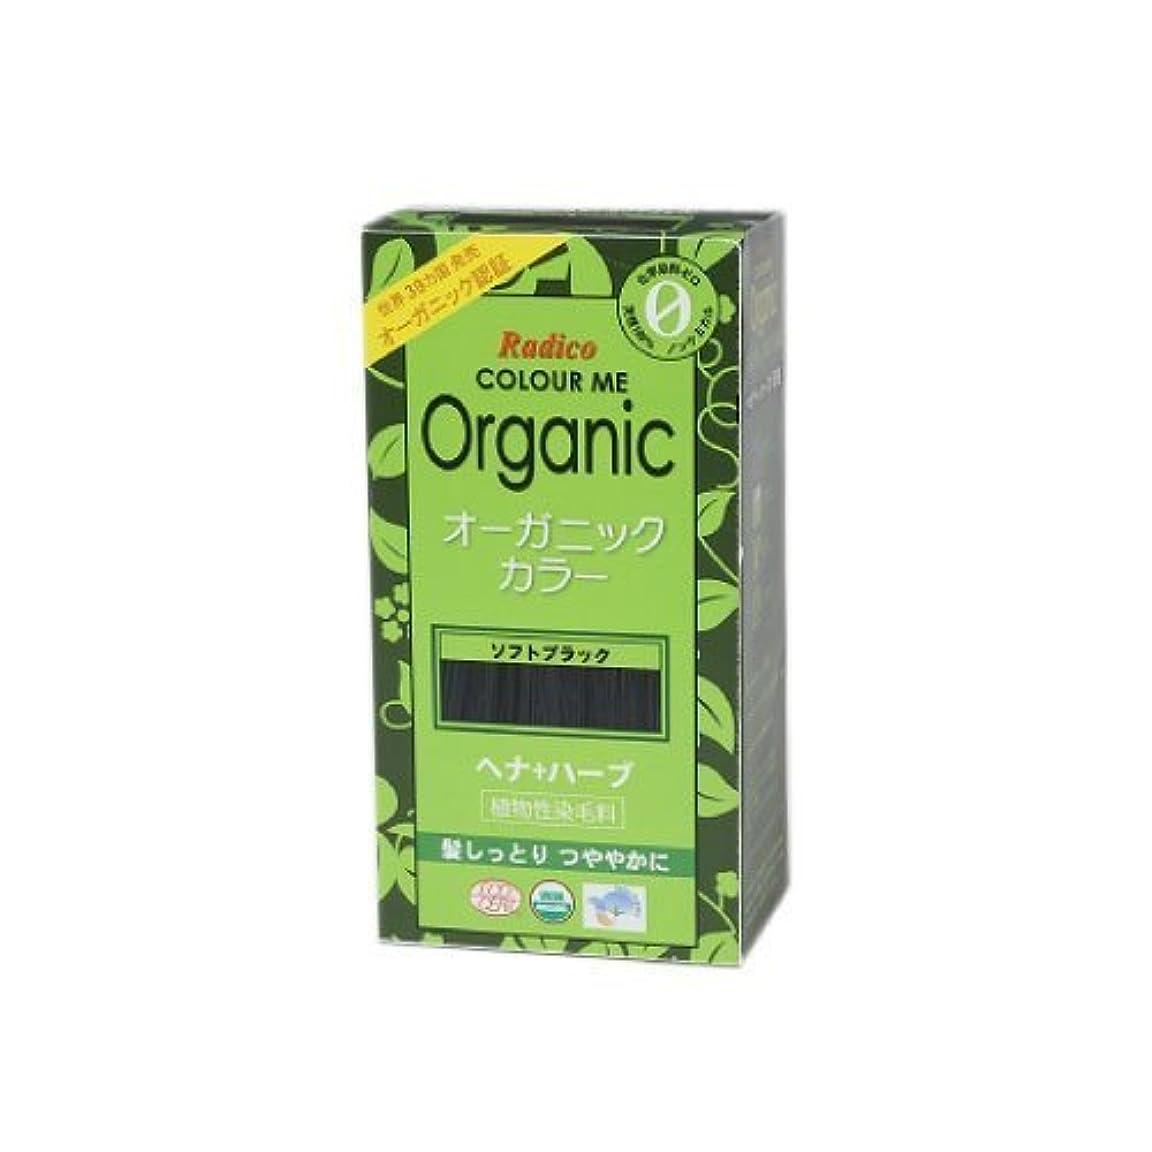 め言葉艶自発的COLOURME Organic (カラーミーオーガニック ヘナ 白髪用 髪色戻し) ソフトブラック 100g